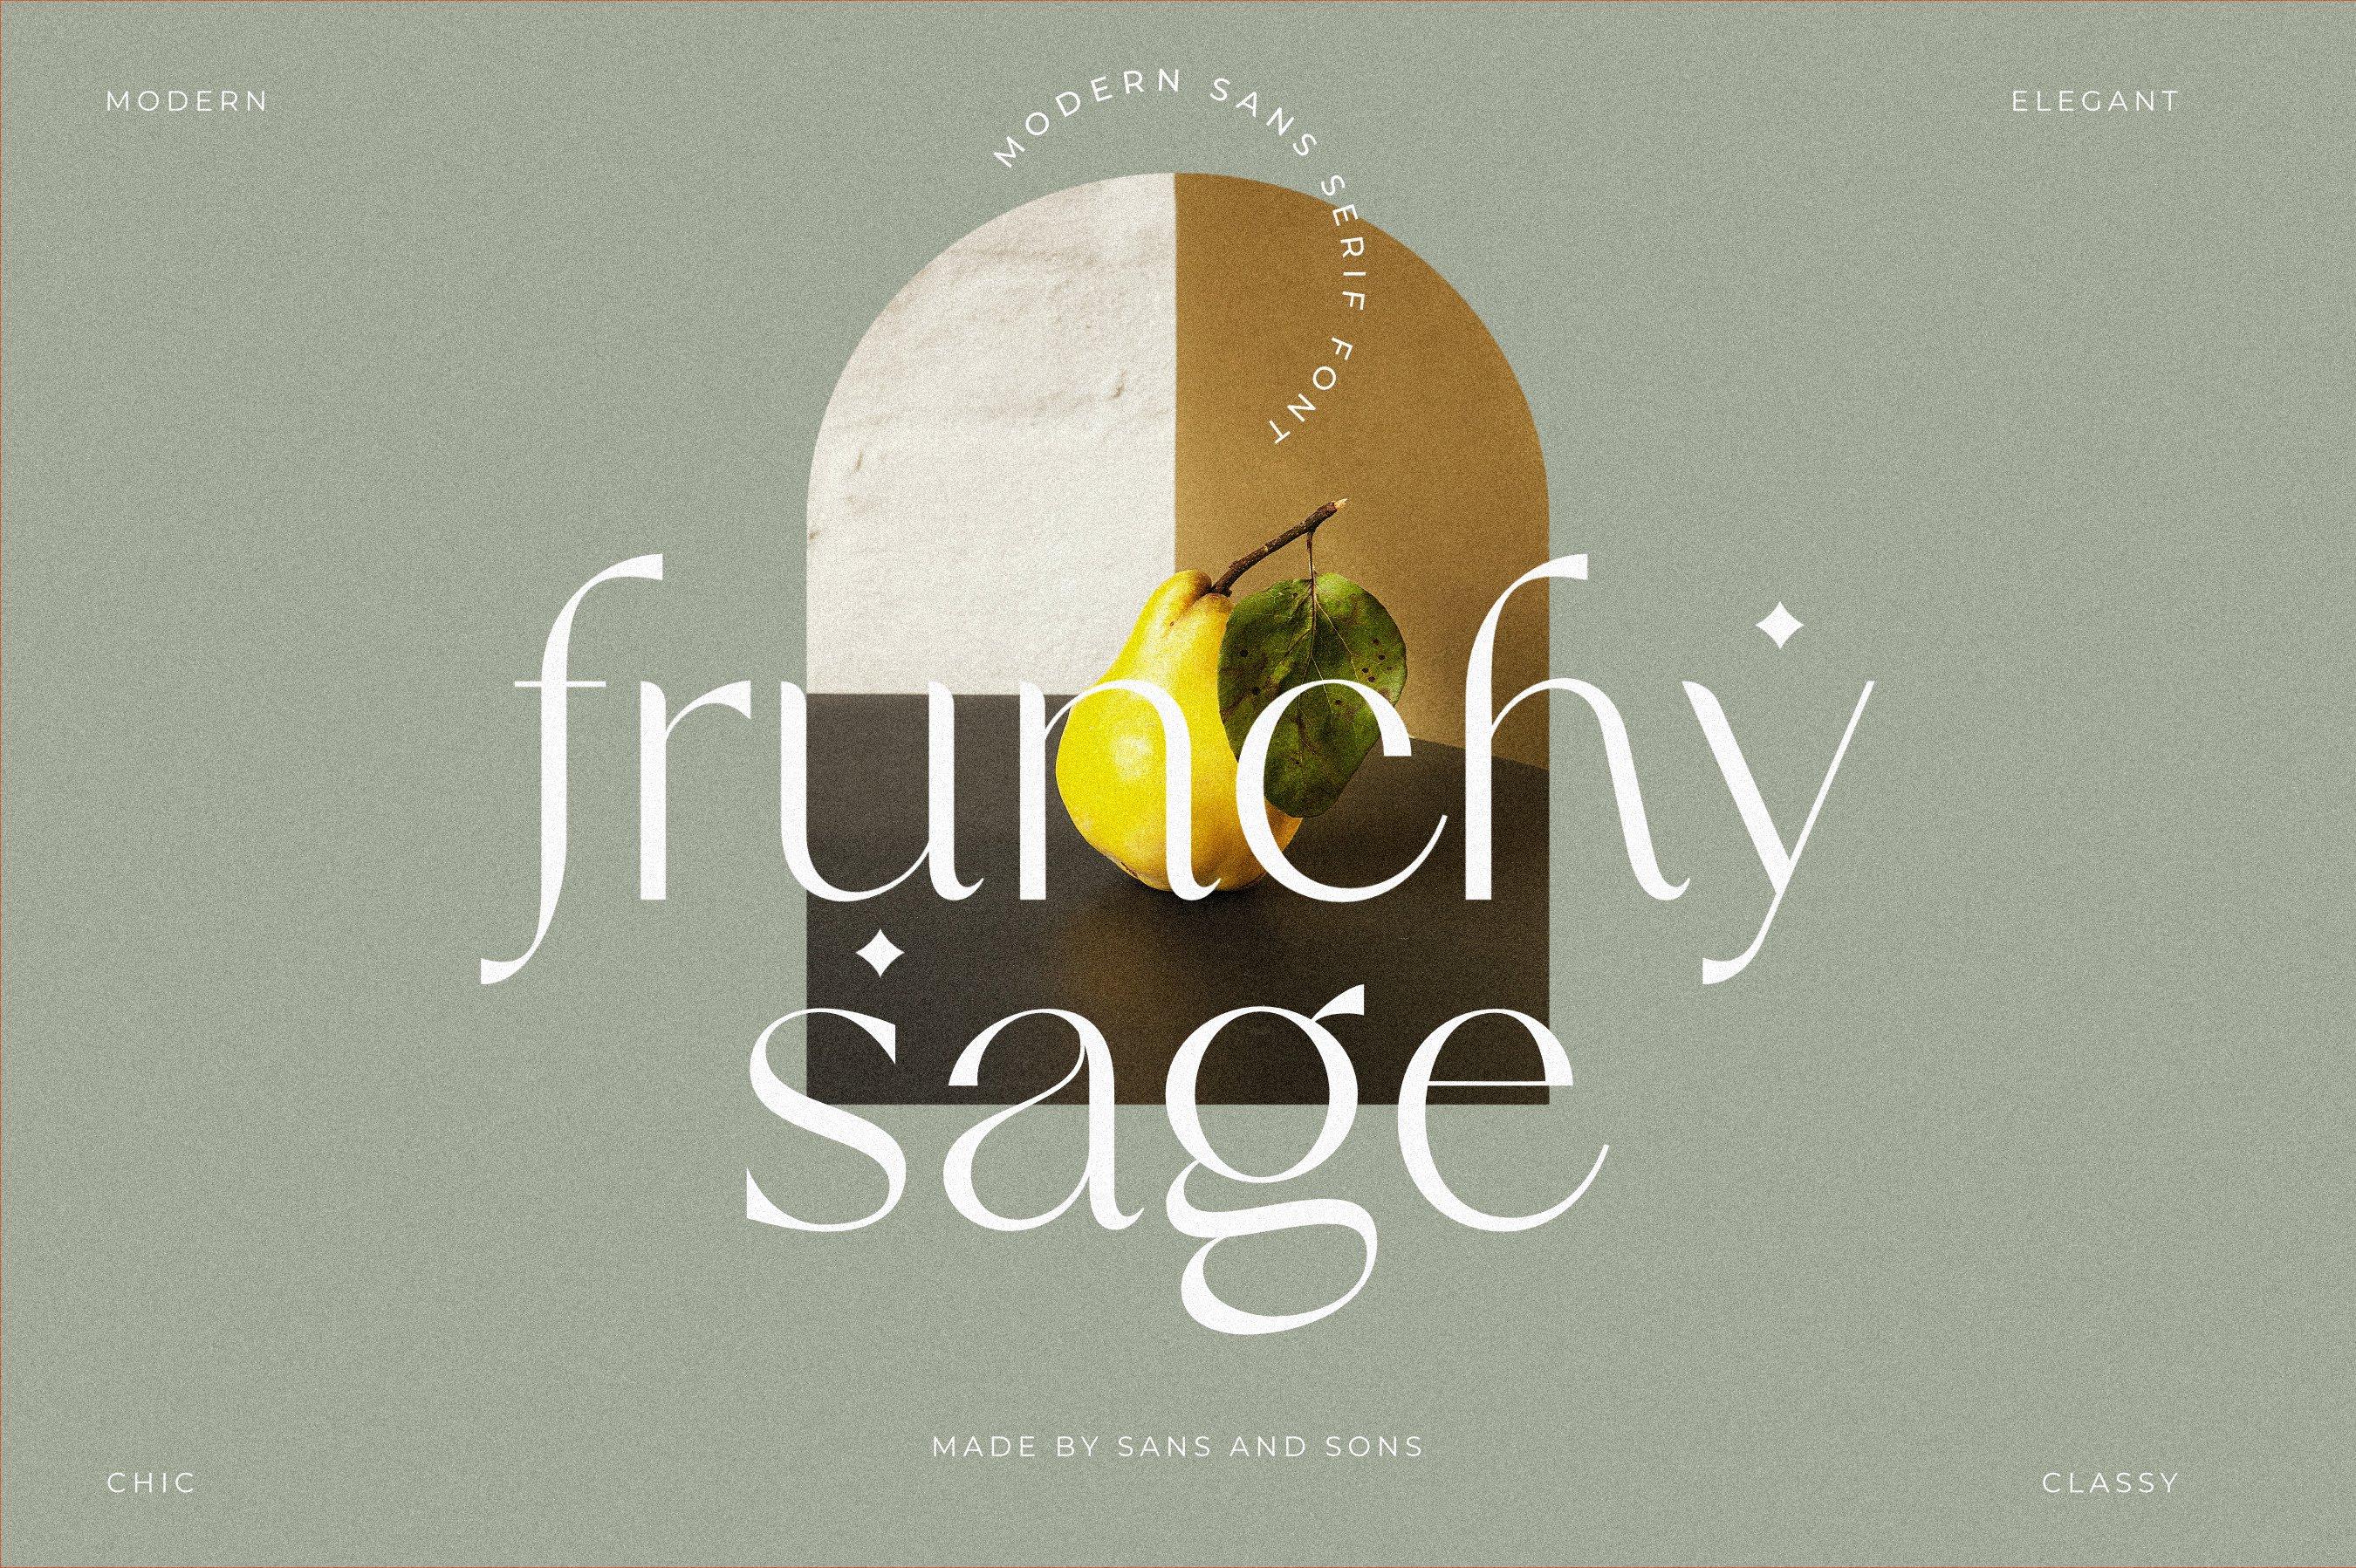 Frunchy - Modern Chic Font